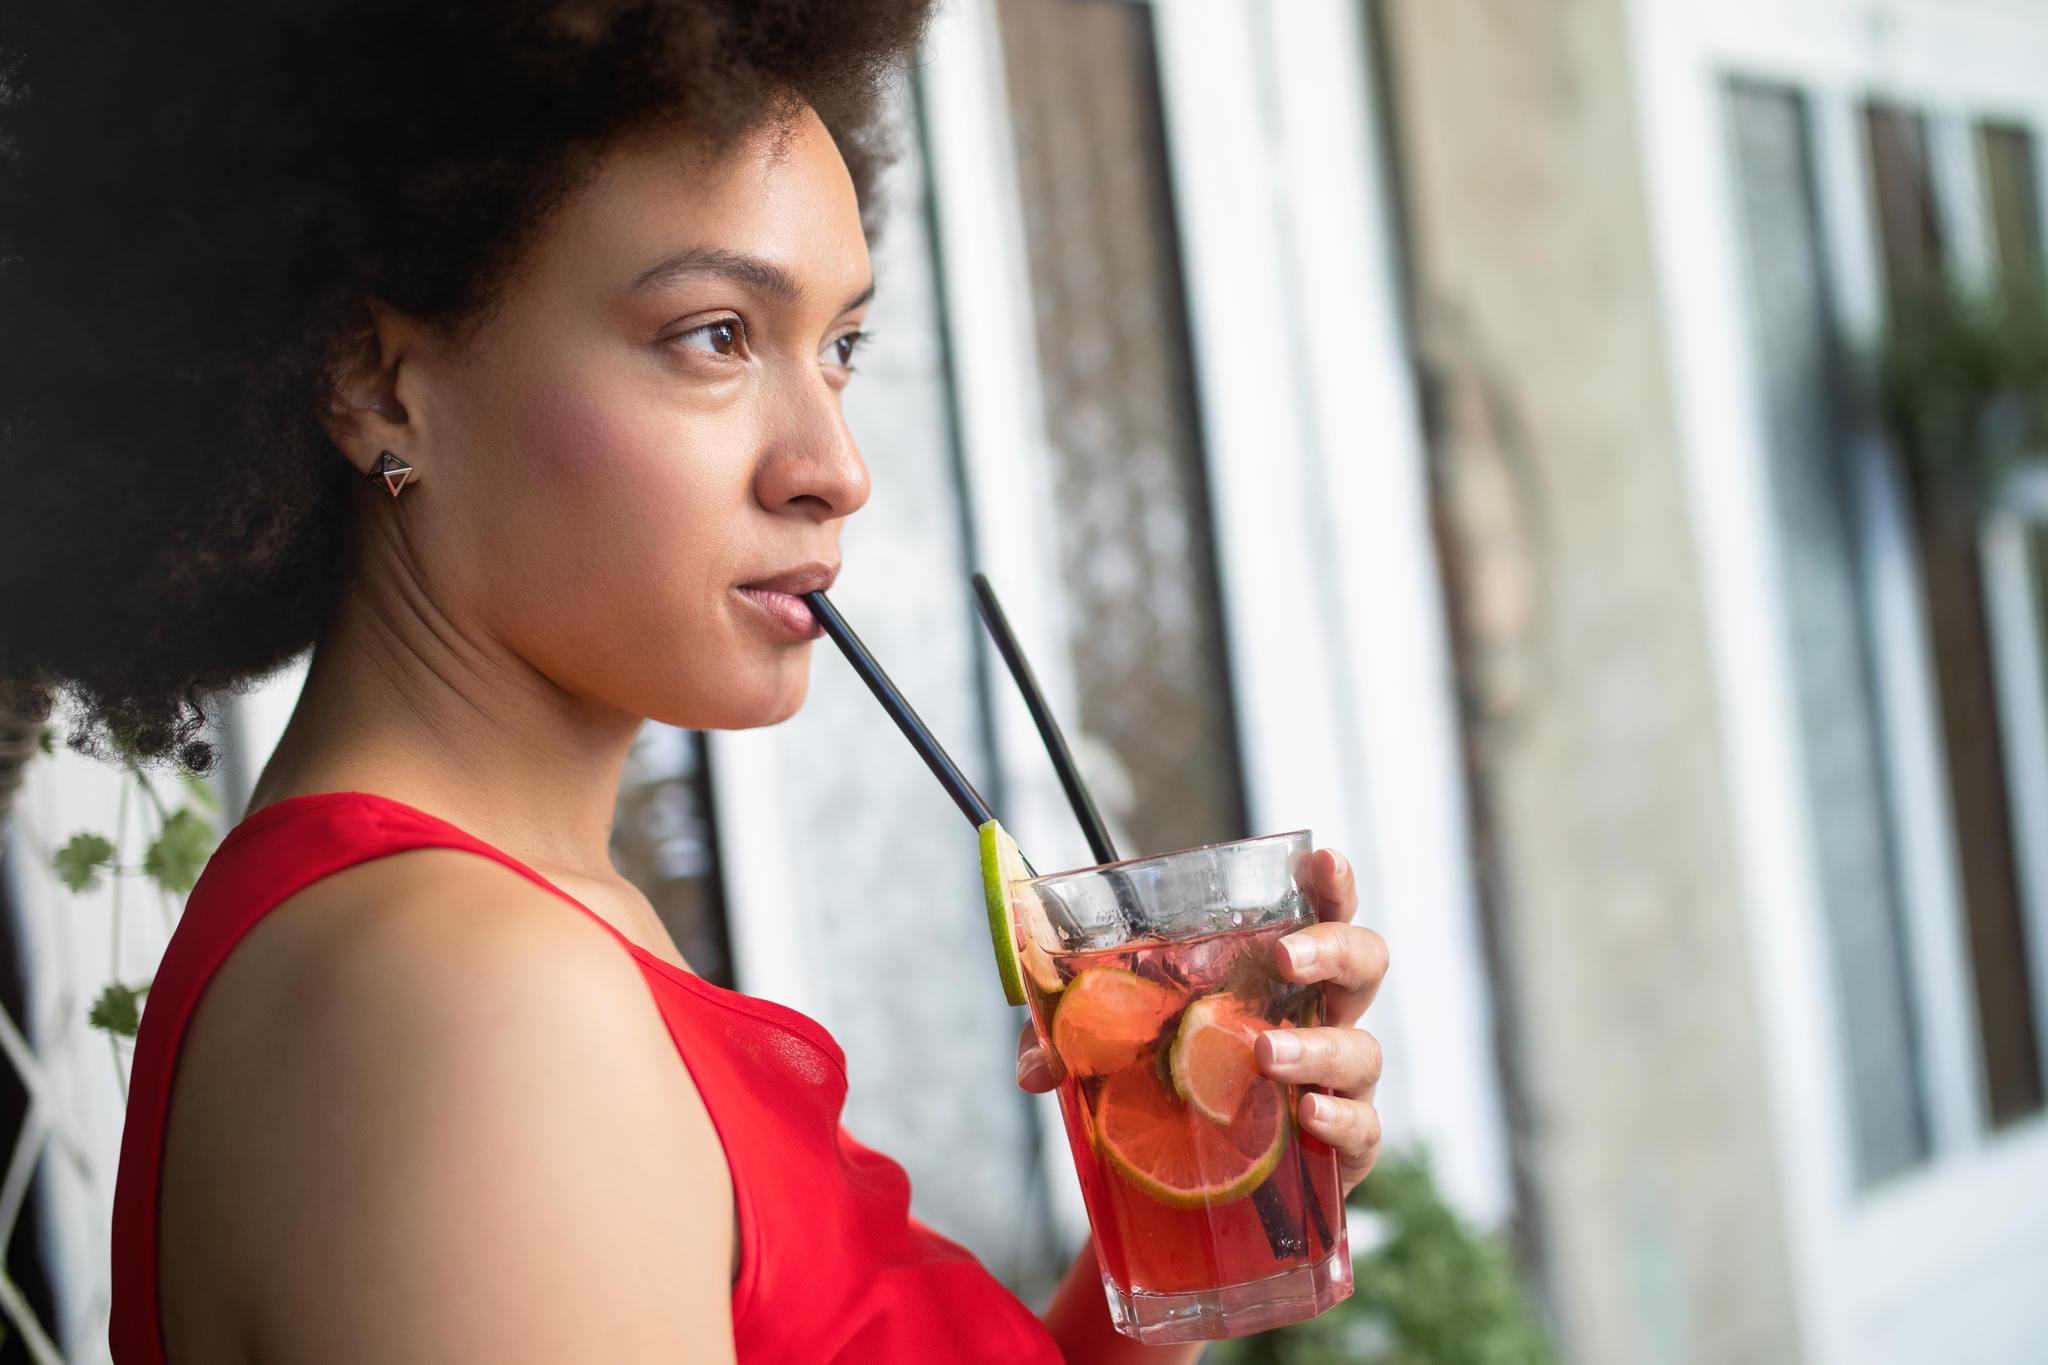 detoks suyu içen kadın, detoks diyeti nasıl yapılır